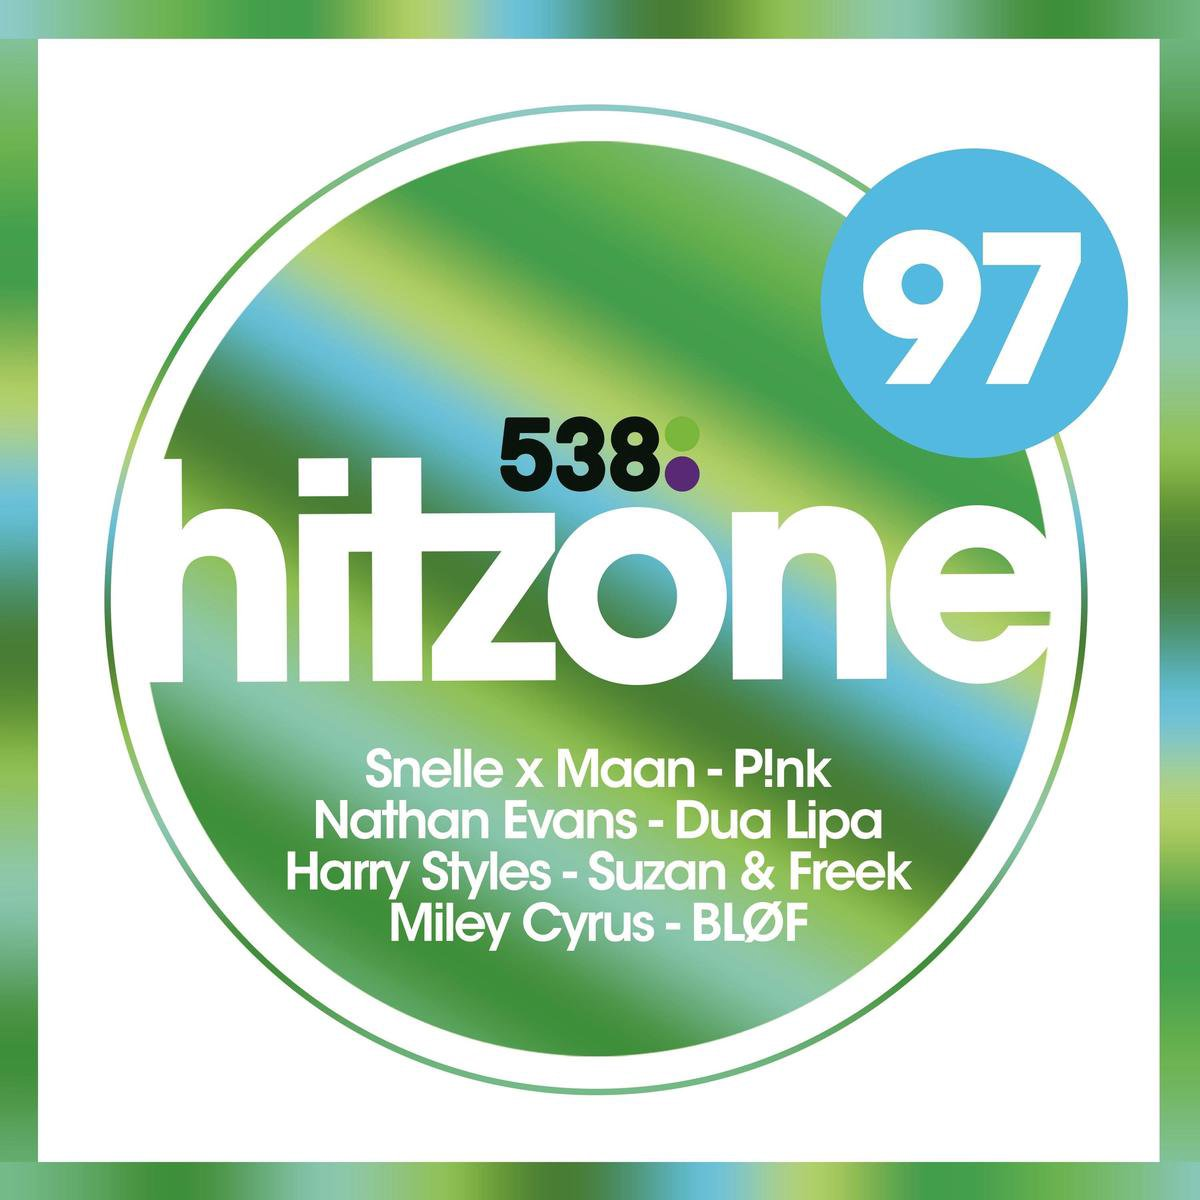 538 Hitzone 97 op De Prijzenvolger